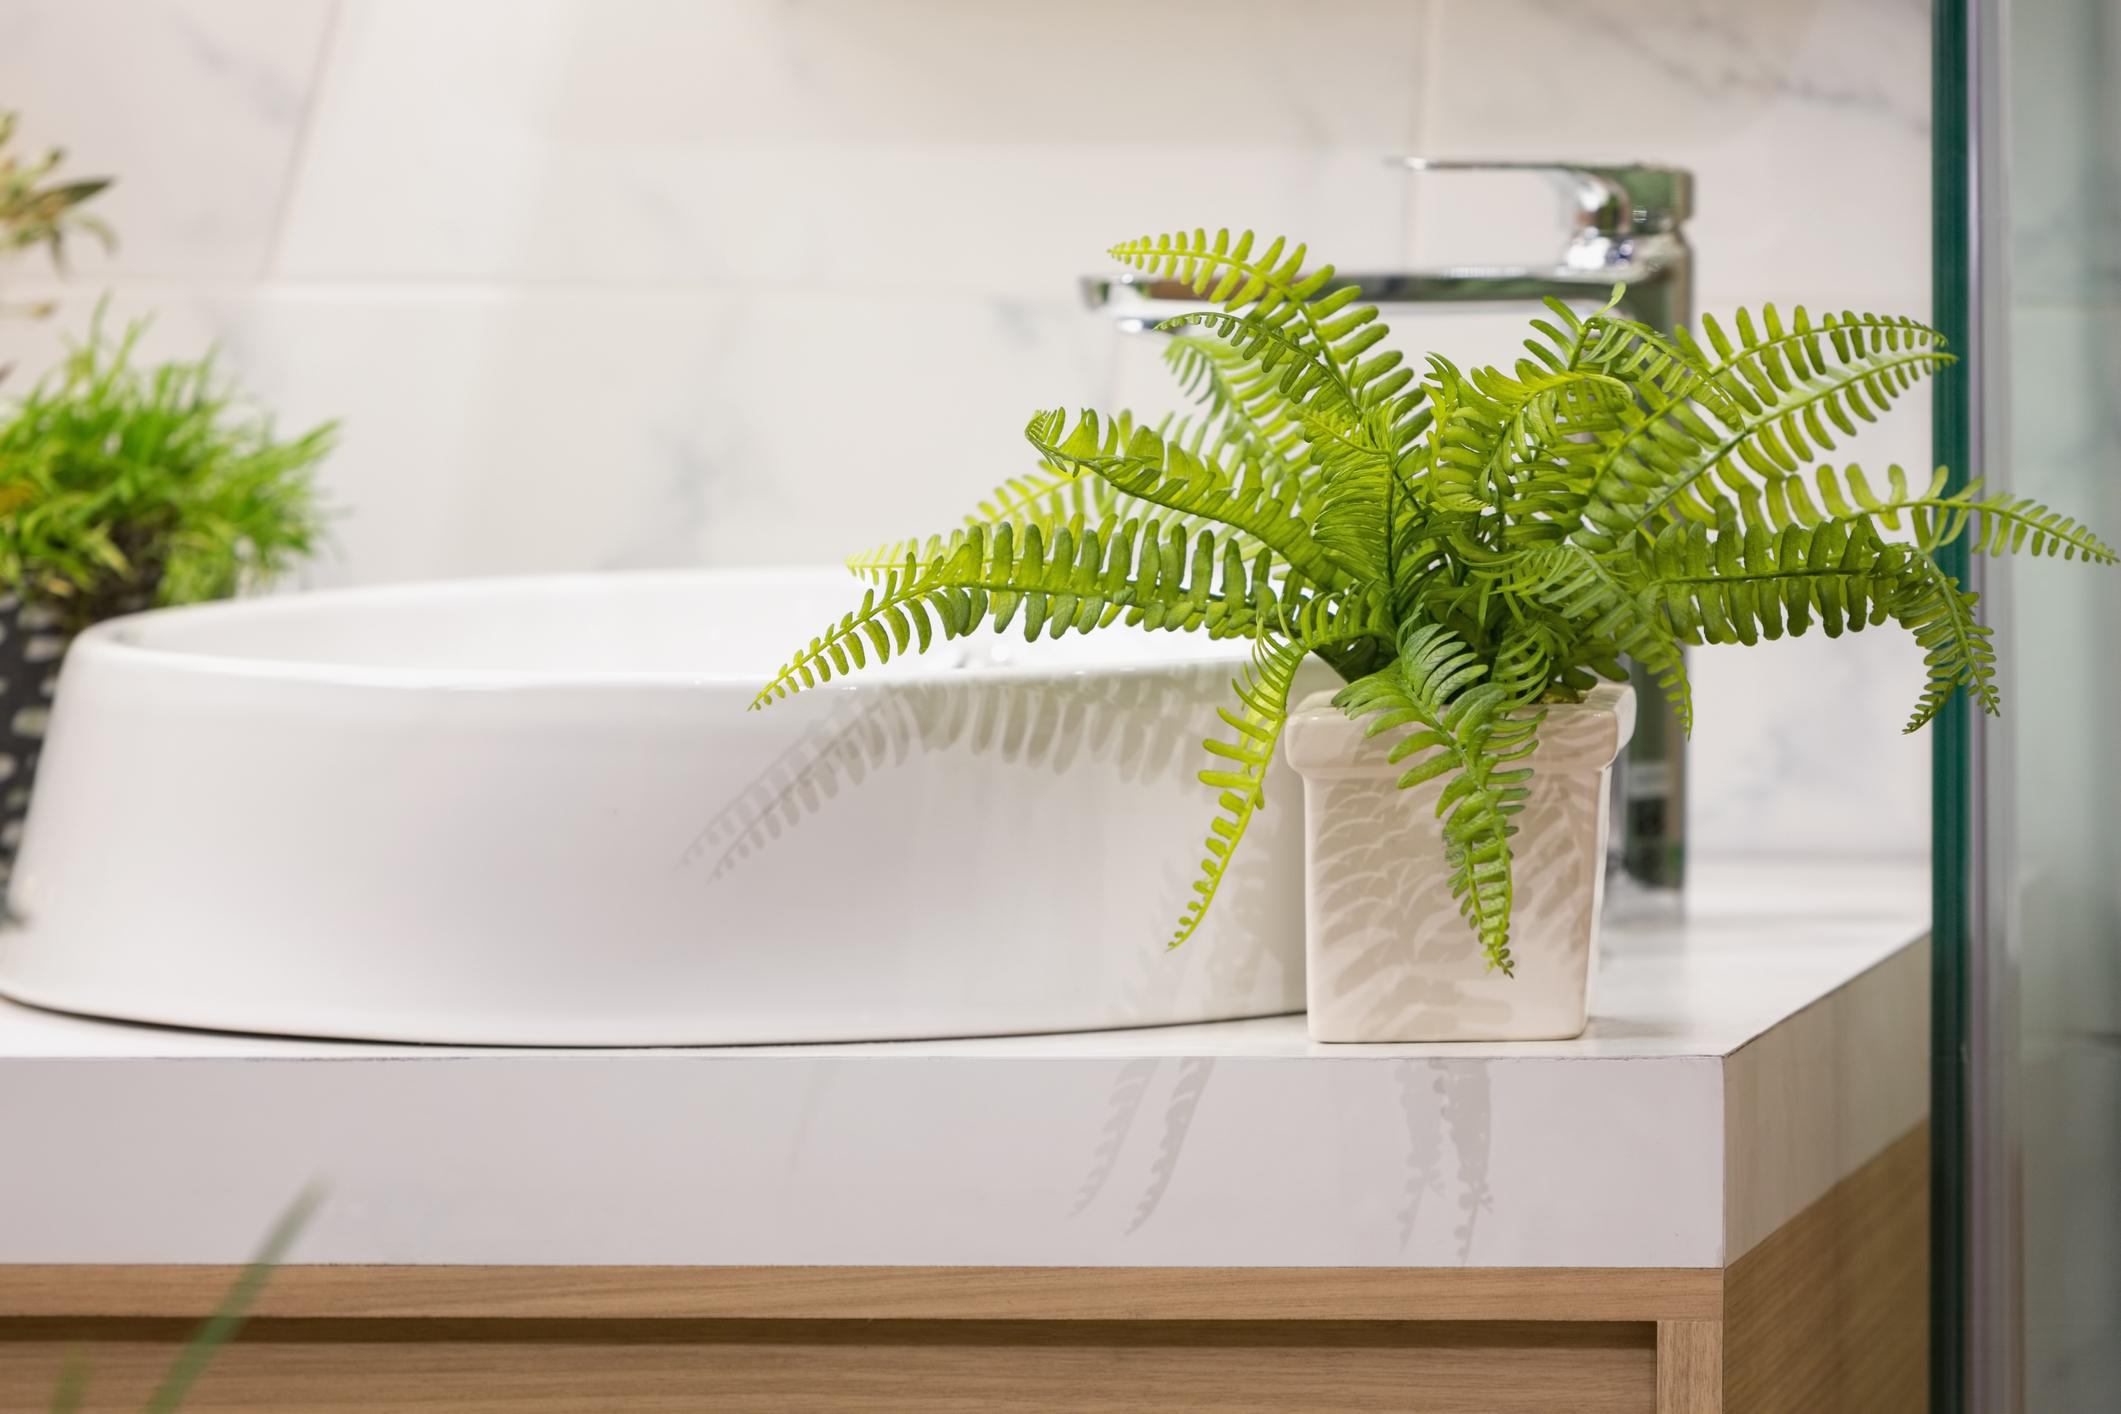 Bathroom - Boston Fern.jpg